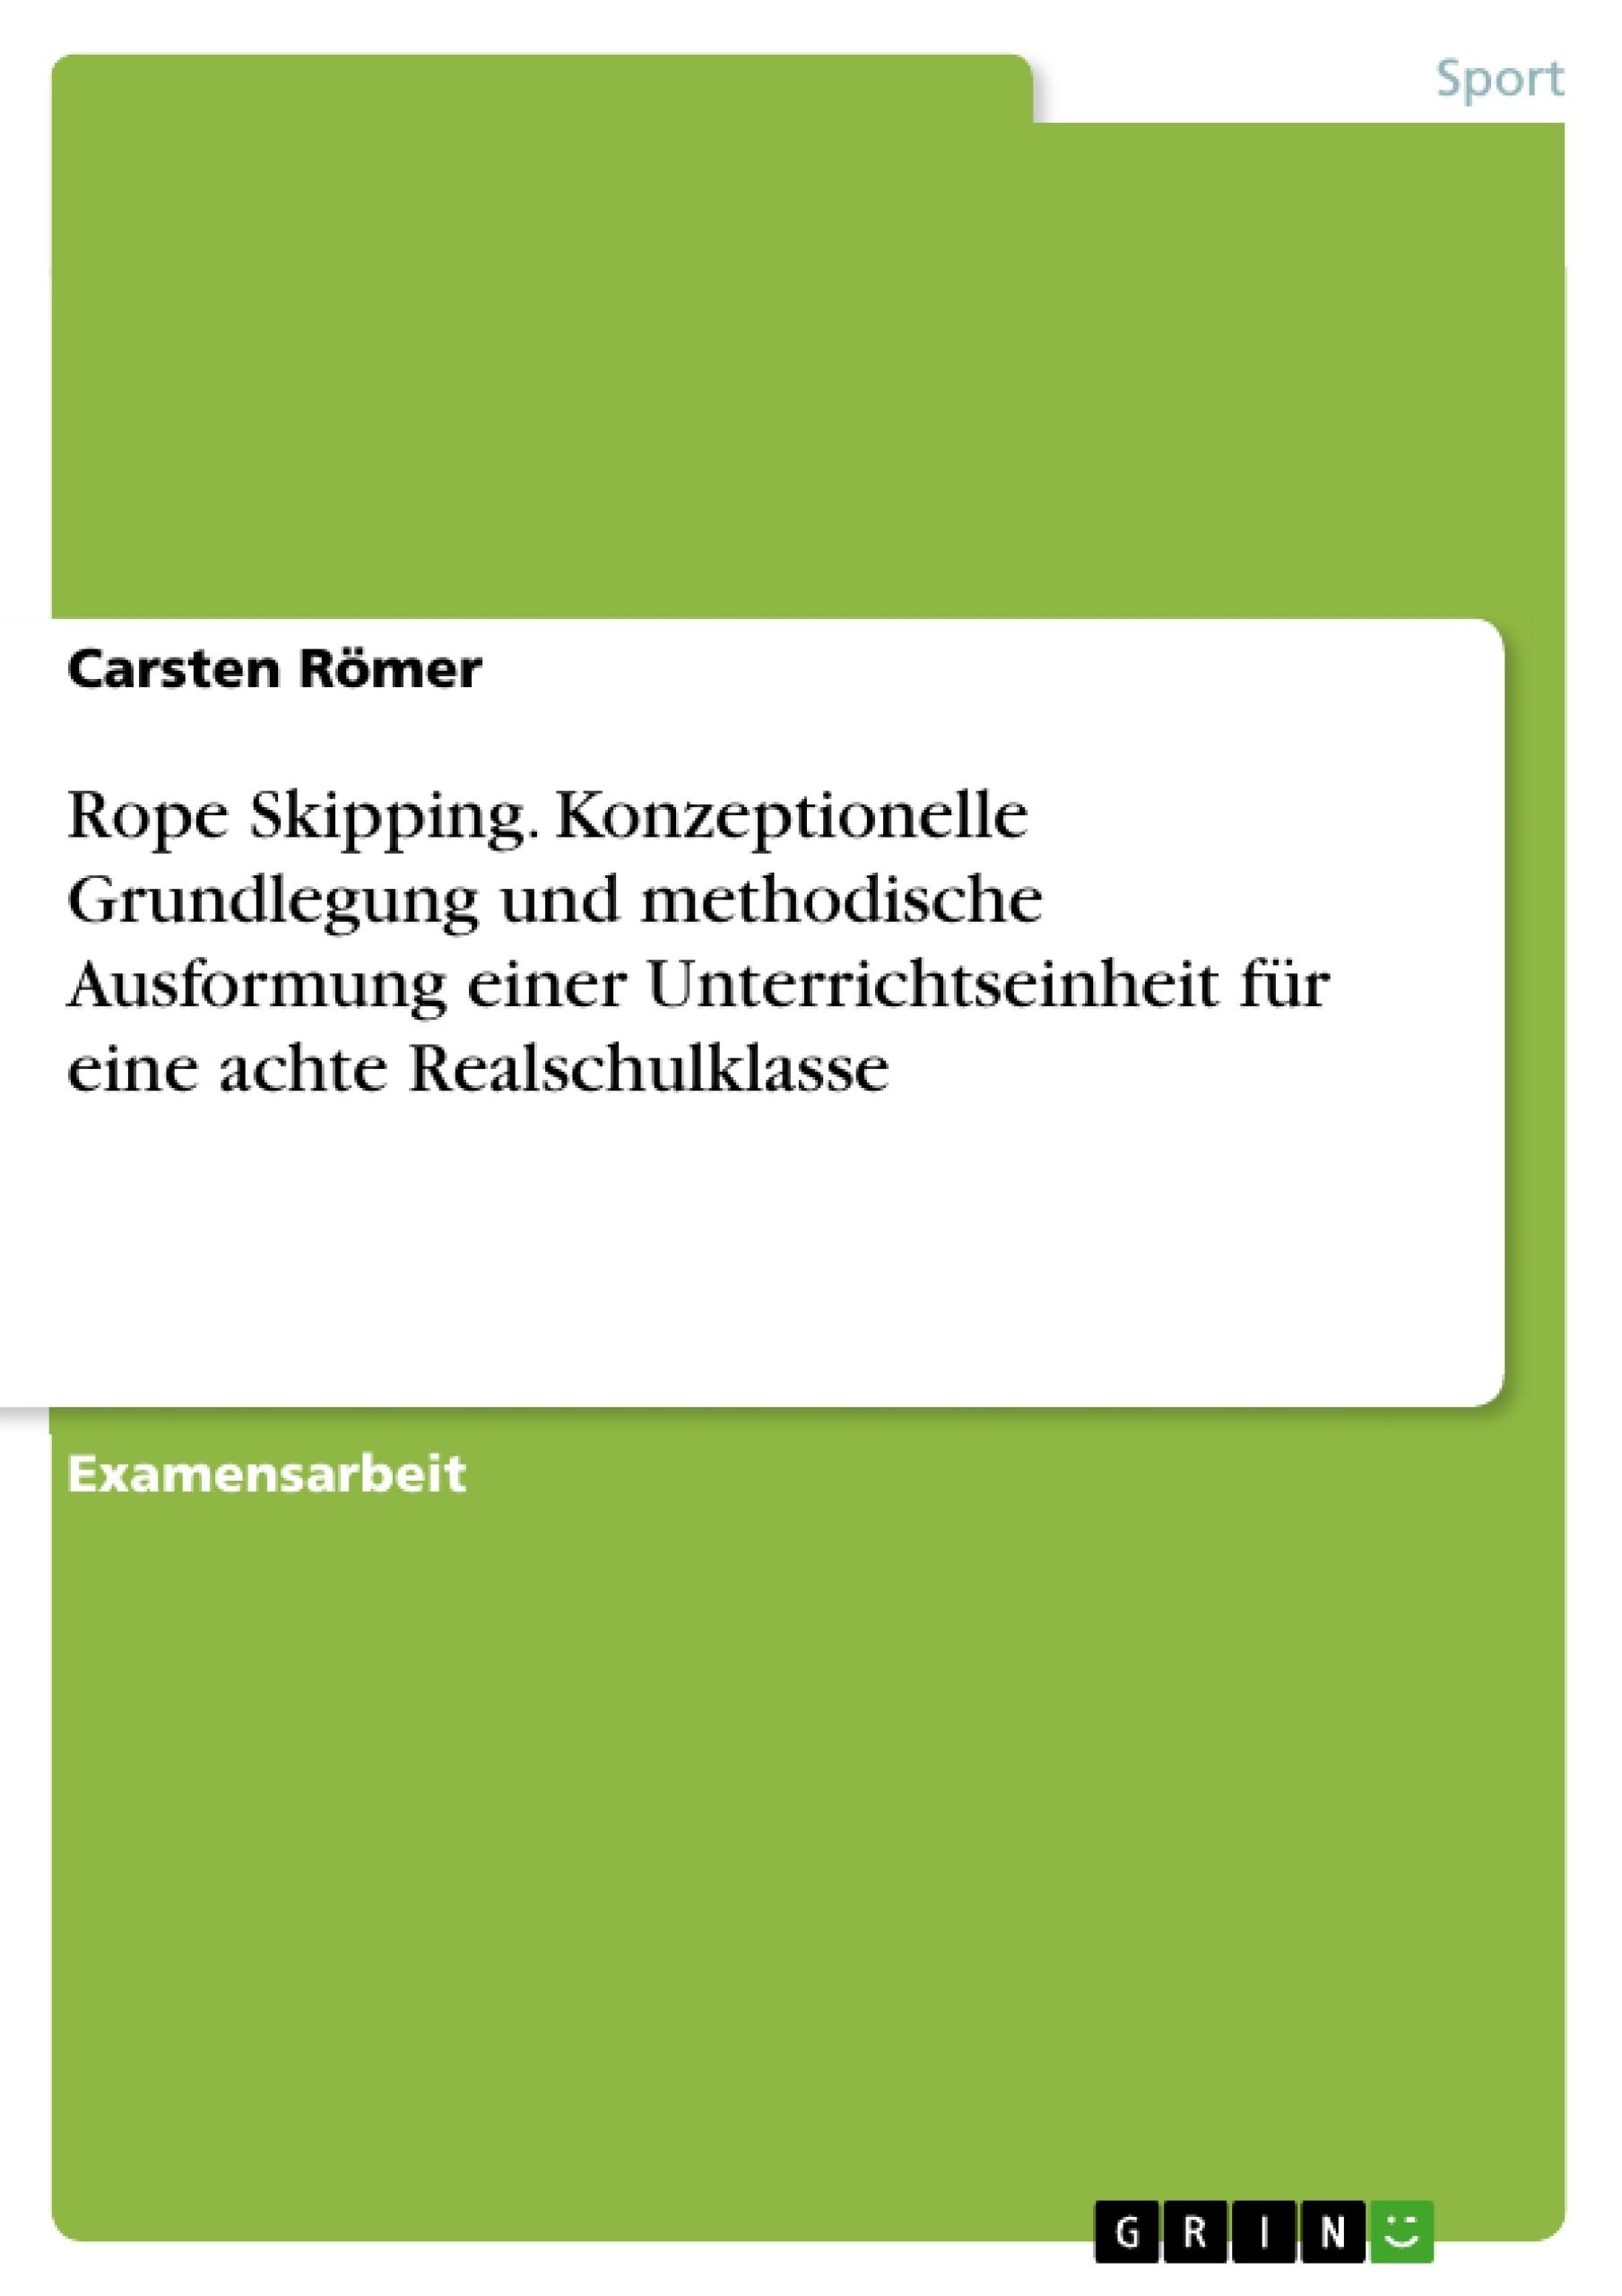 Titel: Rope Skipping. Konzeptionelle Grundlegung und methodische Ausformung einer Unterrichtseinheit für eine achte Realschulklasse